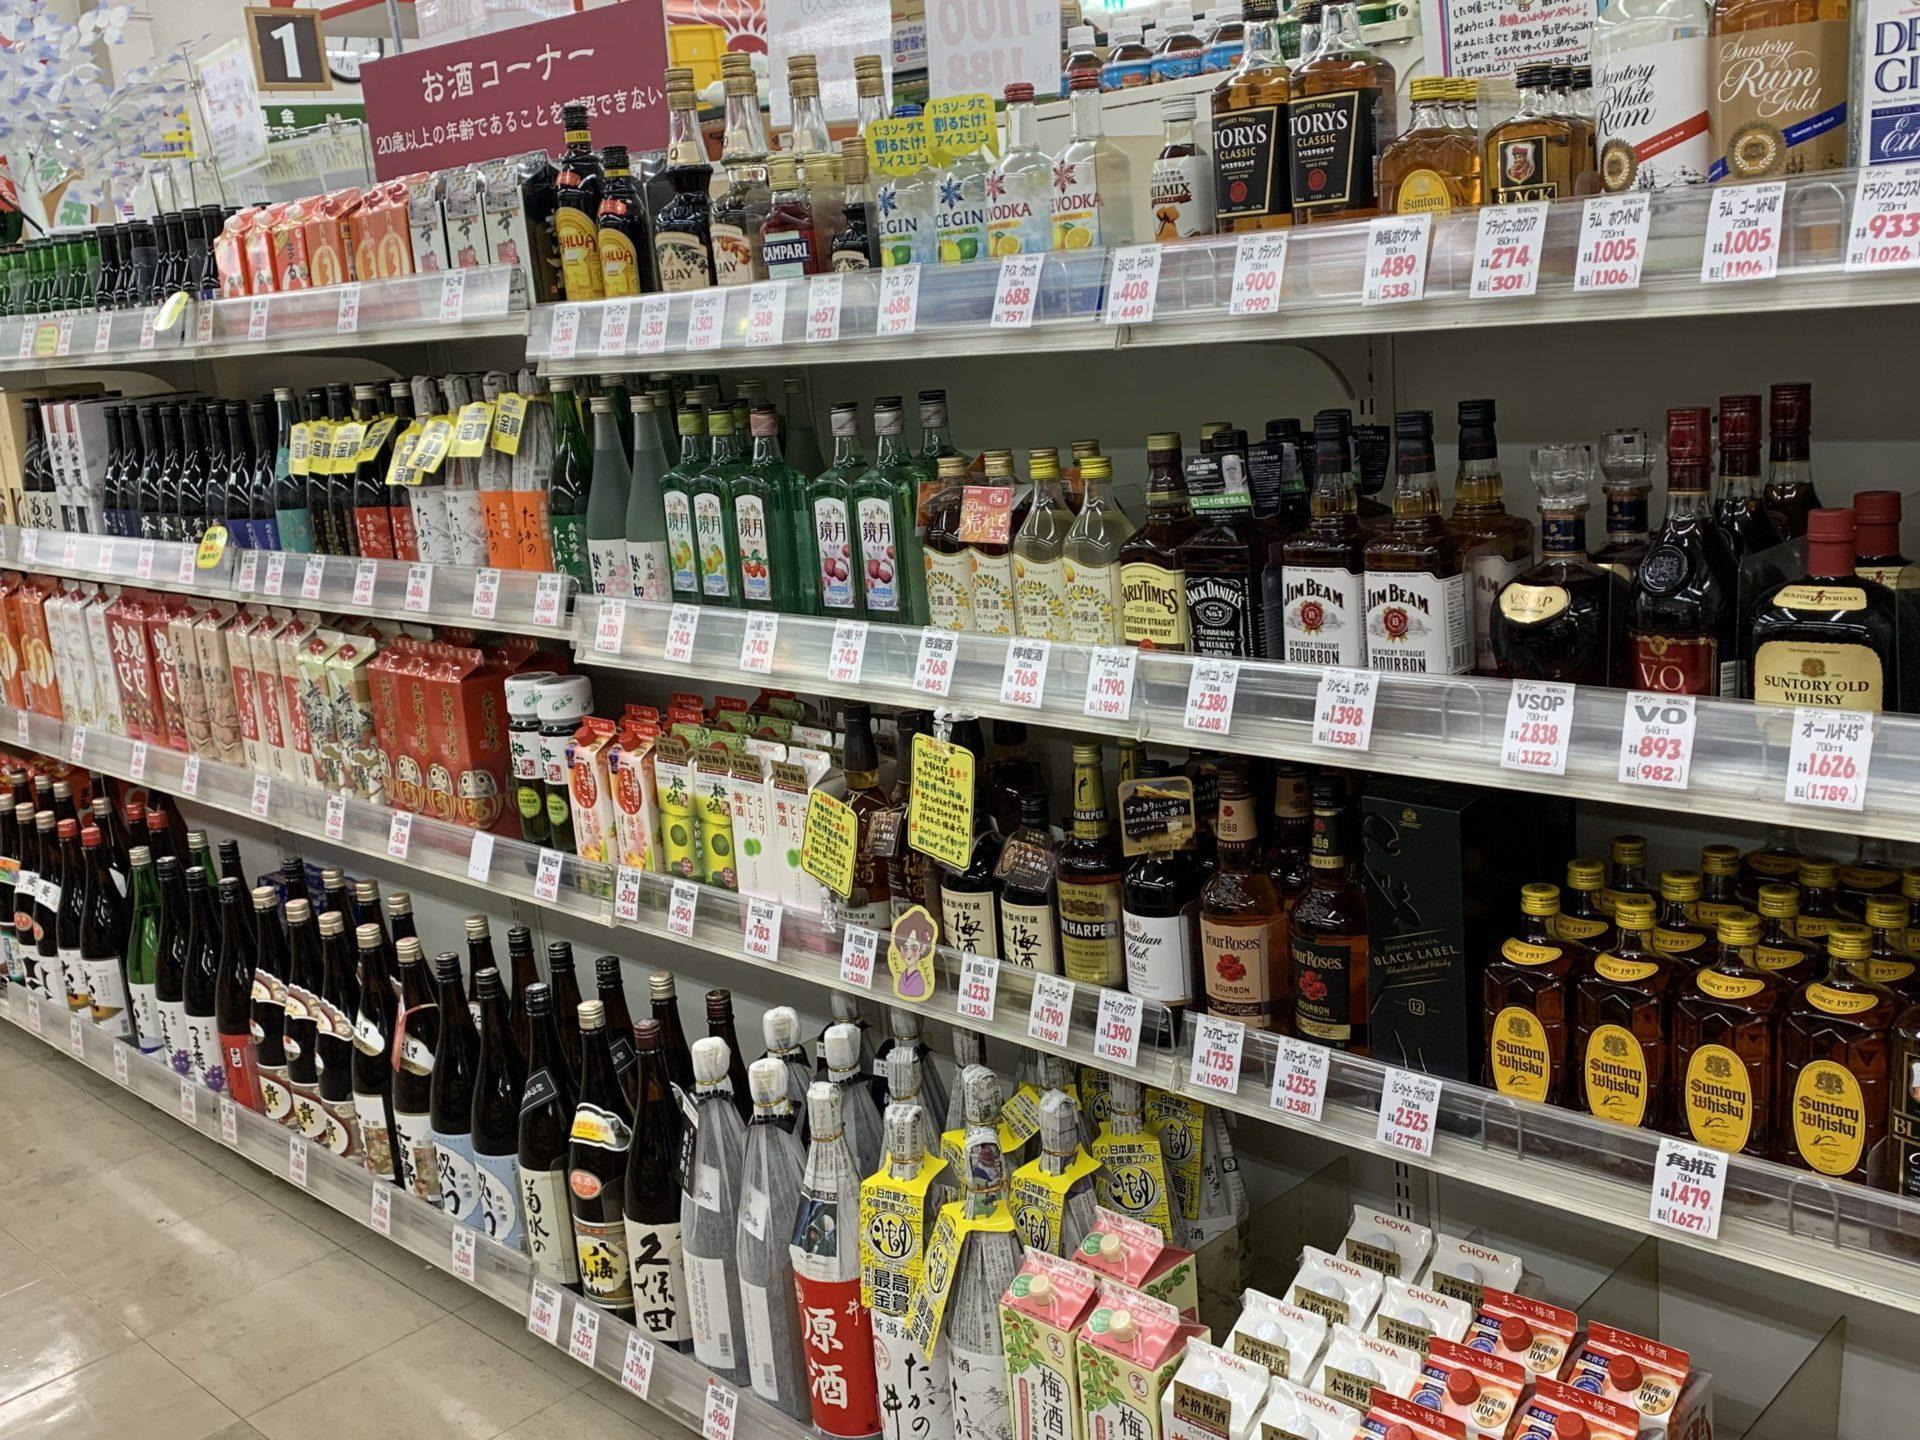 卸売センター「サンエイ」店内のアルコール類「日本酒・ウイスキー」